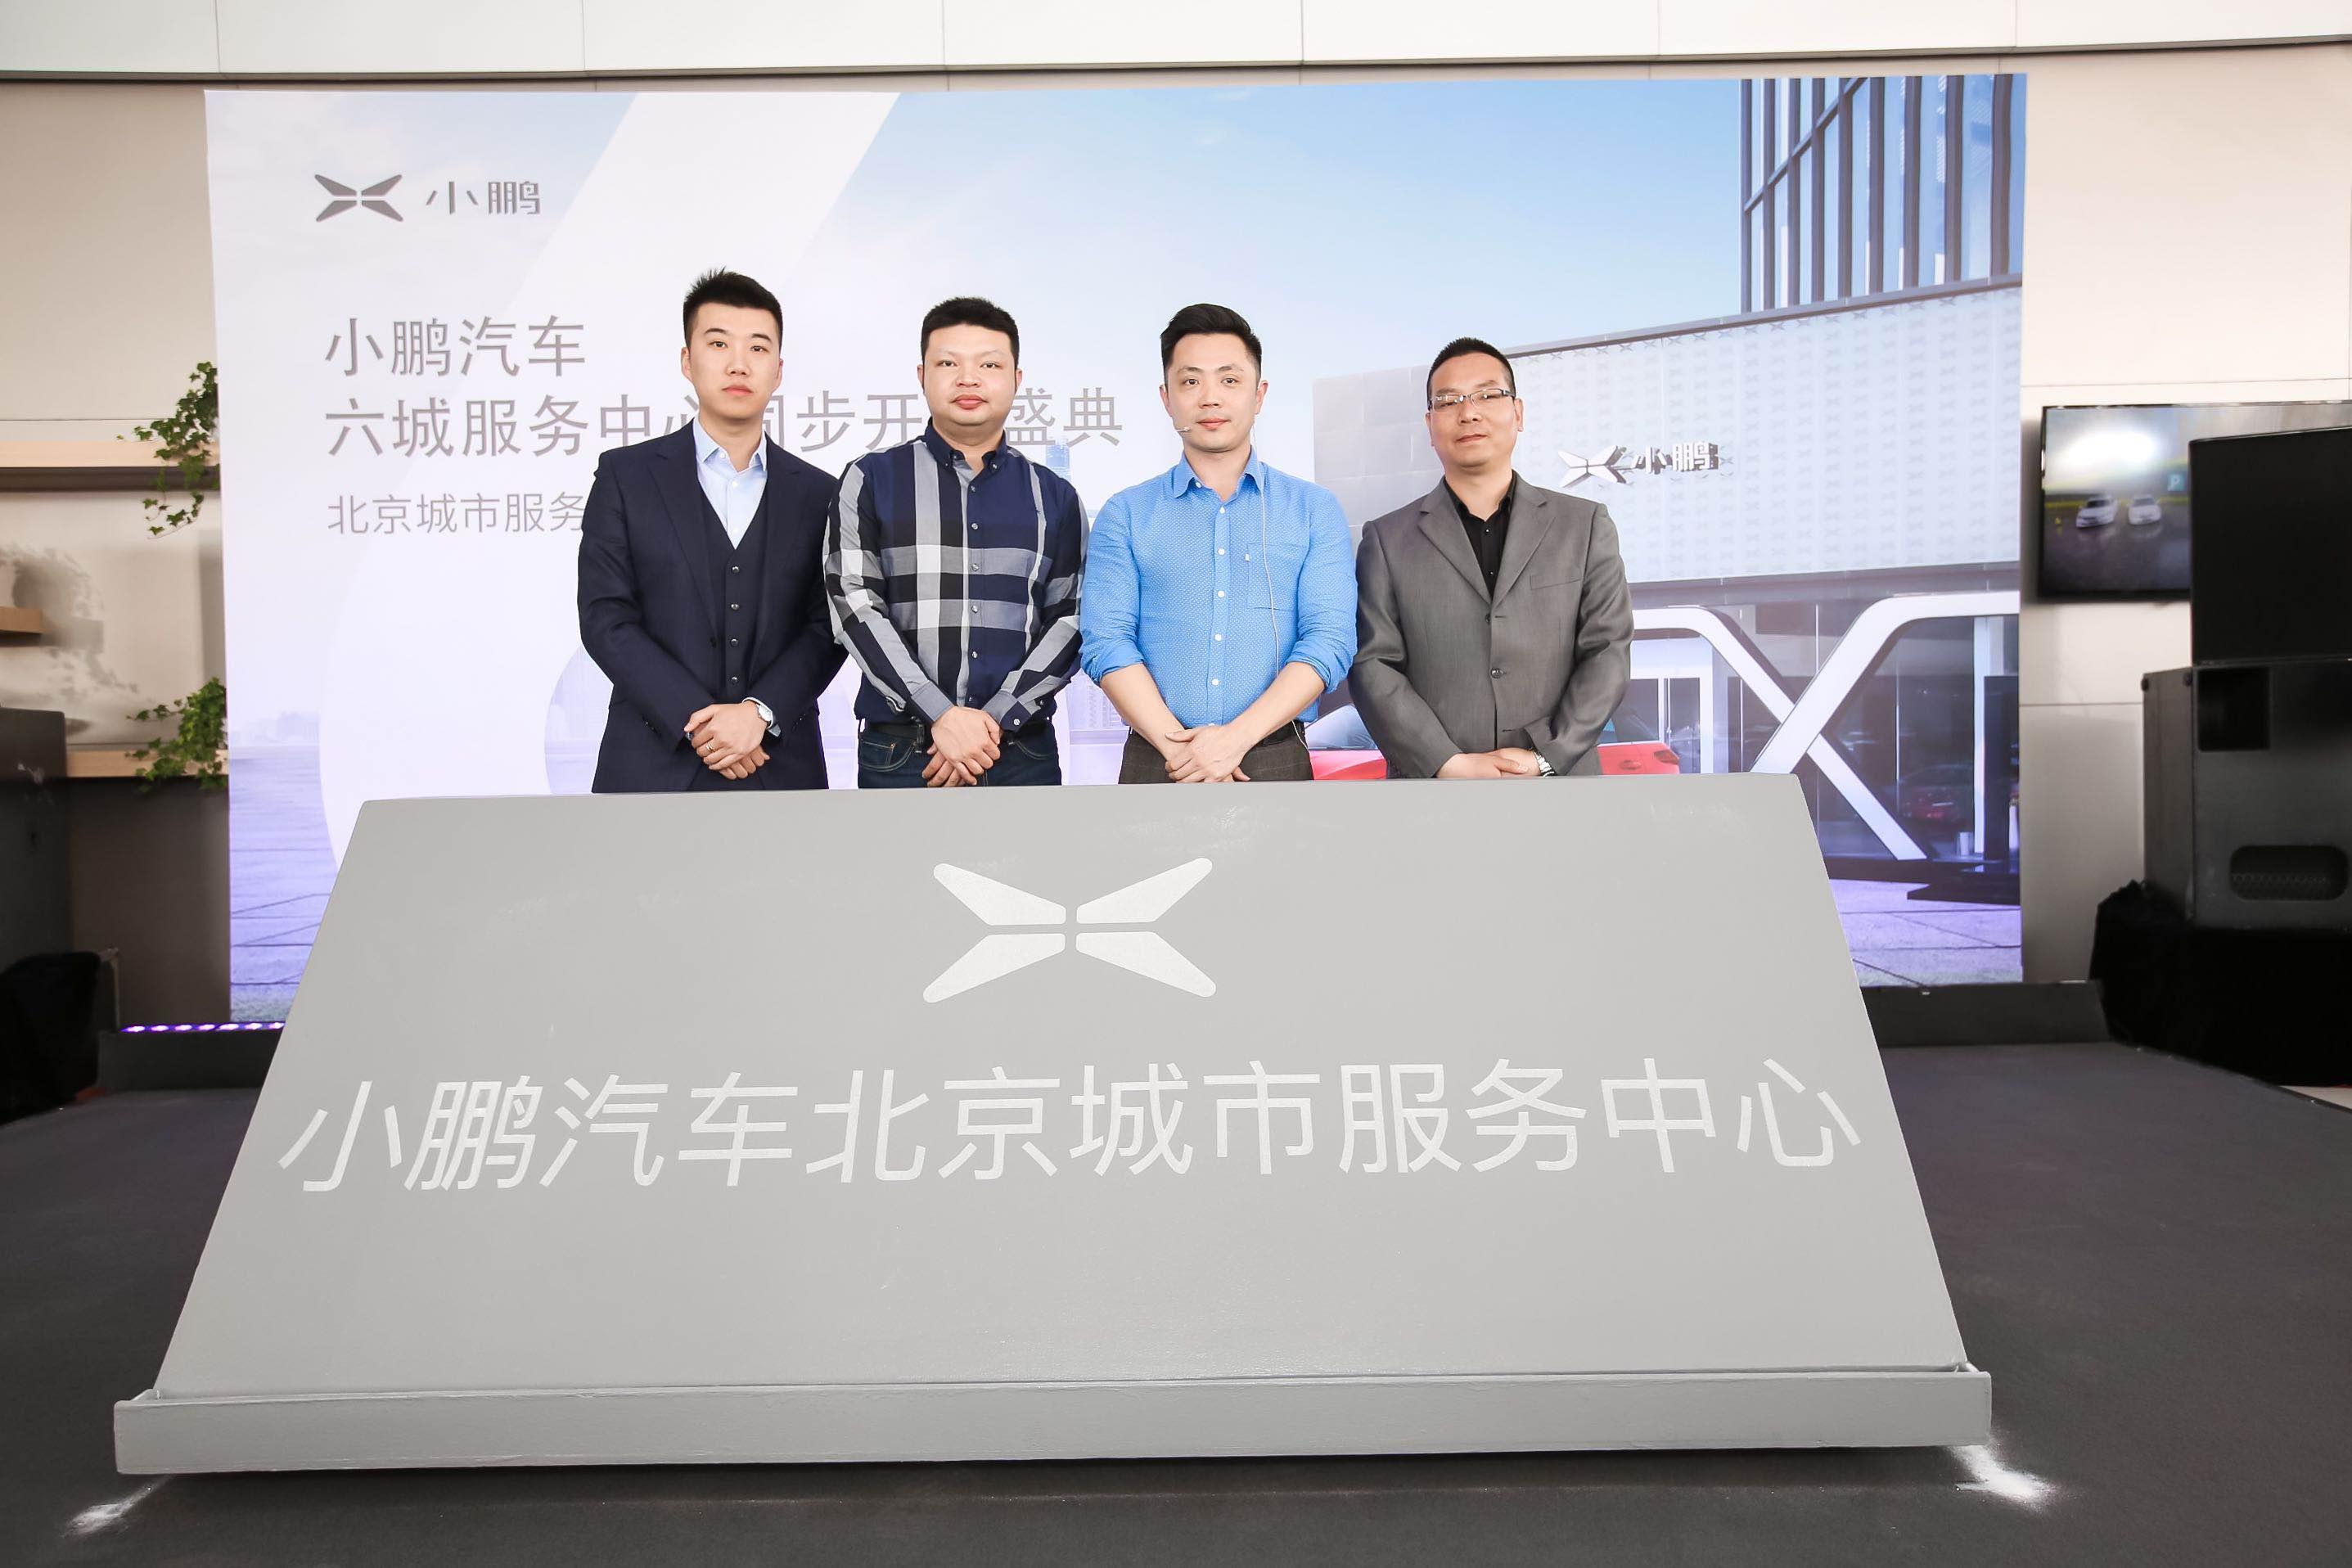 7月底完成1万辆交付 小鹏汽车六城服务中心开业